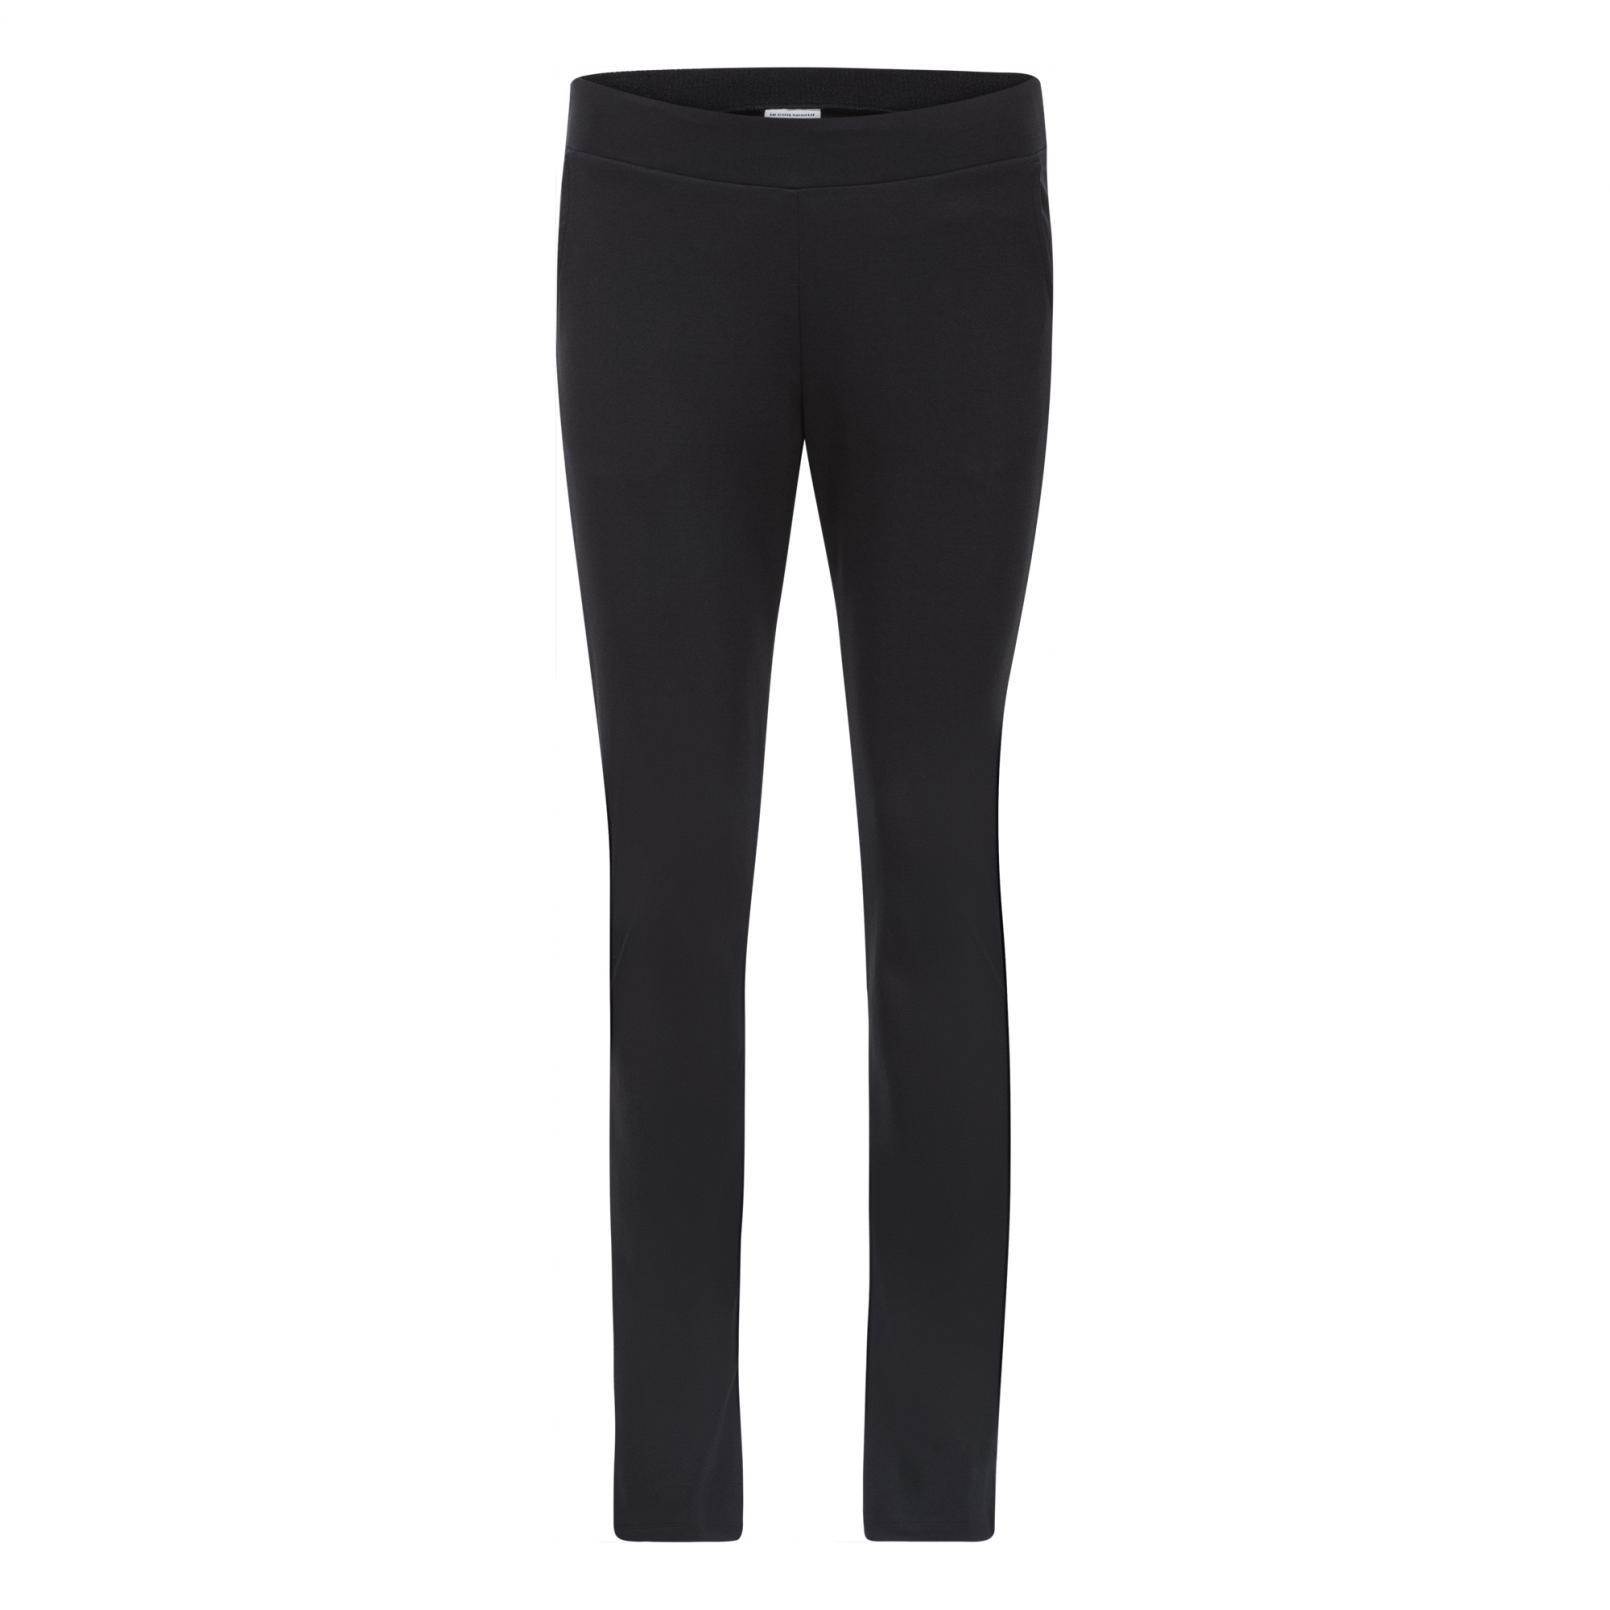 Pants – Le Coq Sportif Essentiels Pant Black